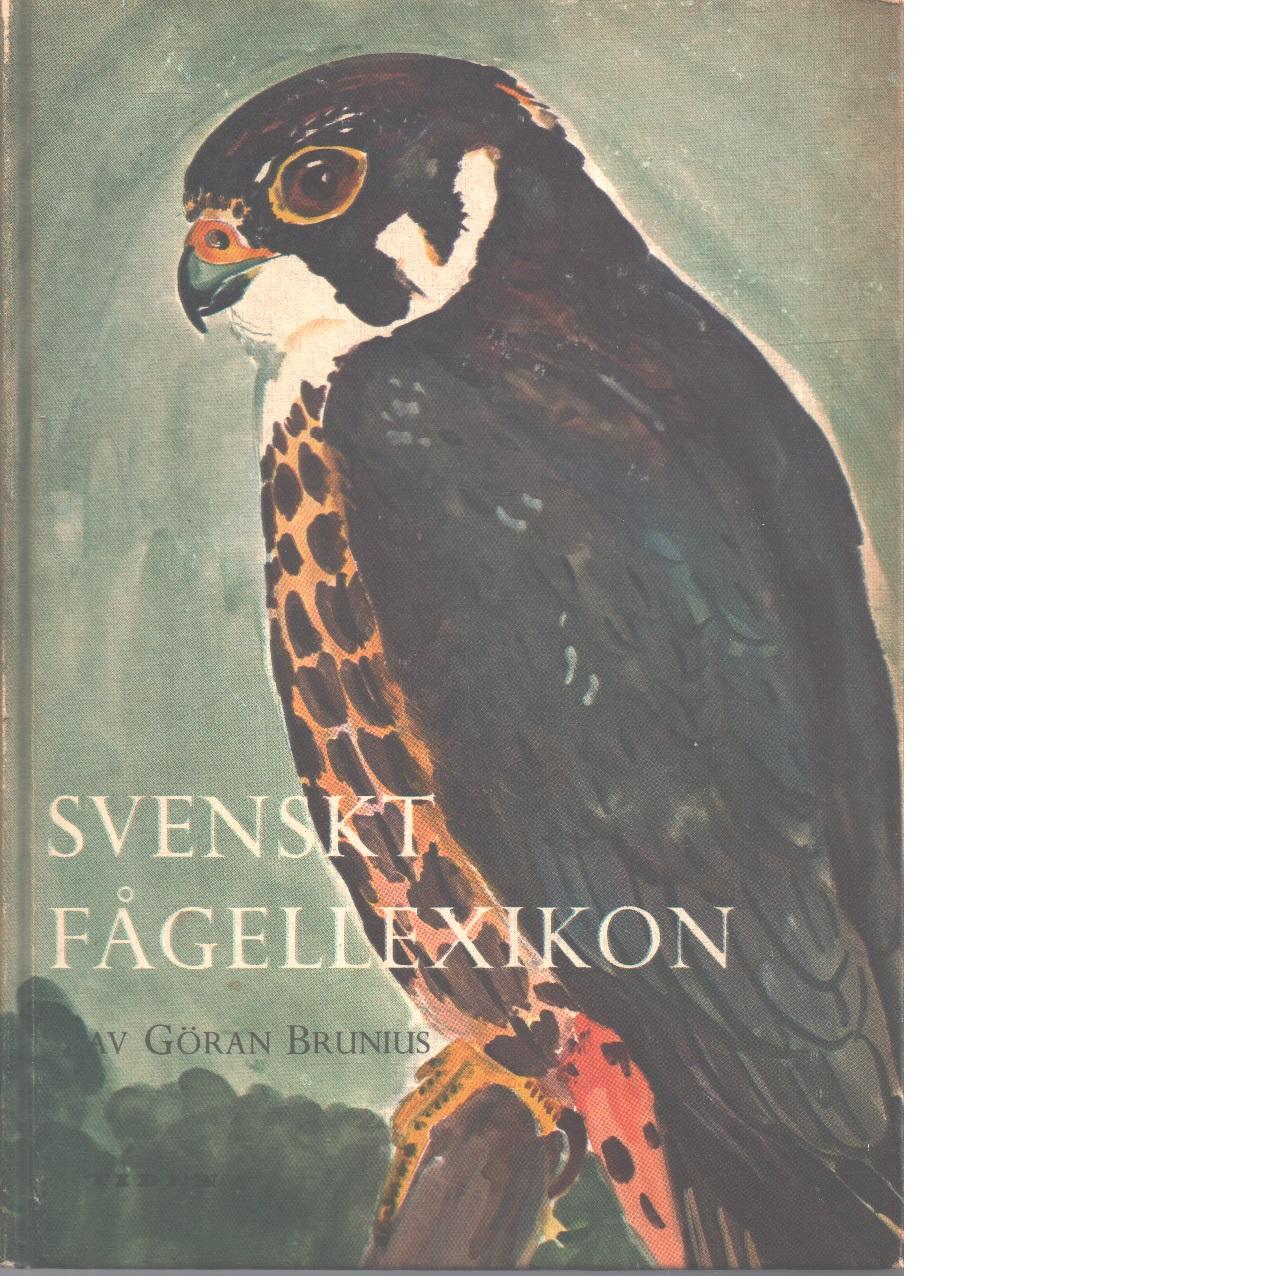 Svenskt fågellexikon - Brunius, Göran